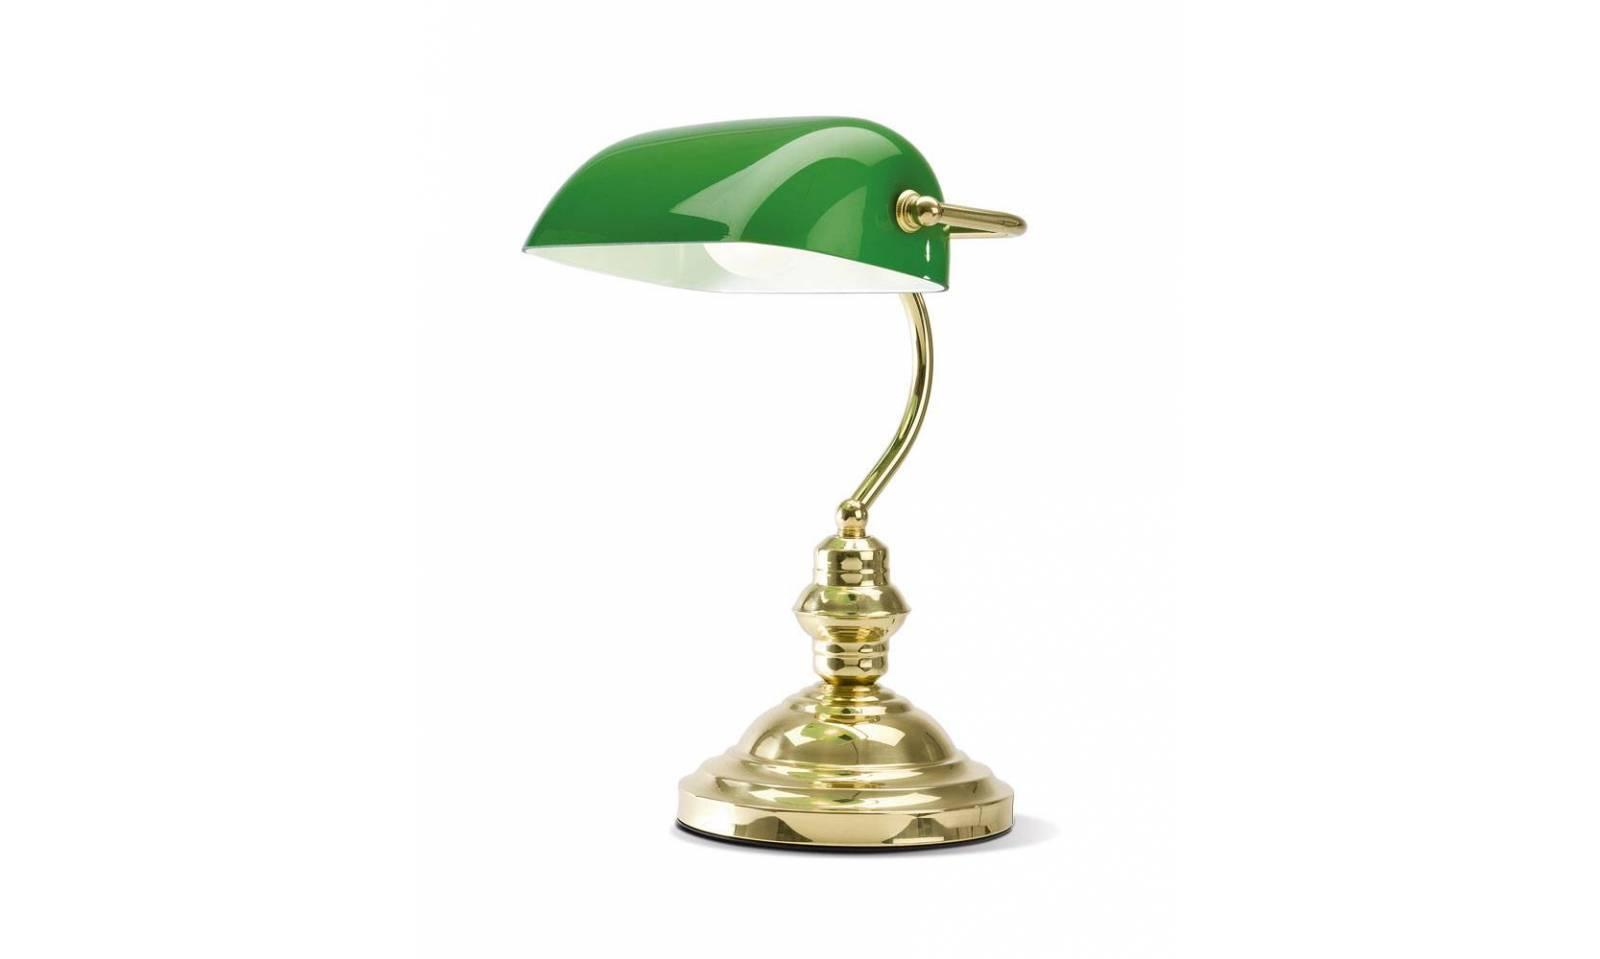 Perenz lampada da tavolo moderna in ottone serie 4807 - Lampada da tavolo moderna ...